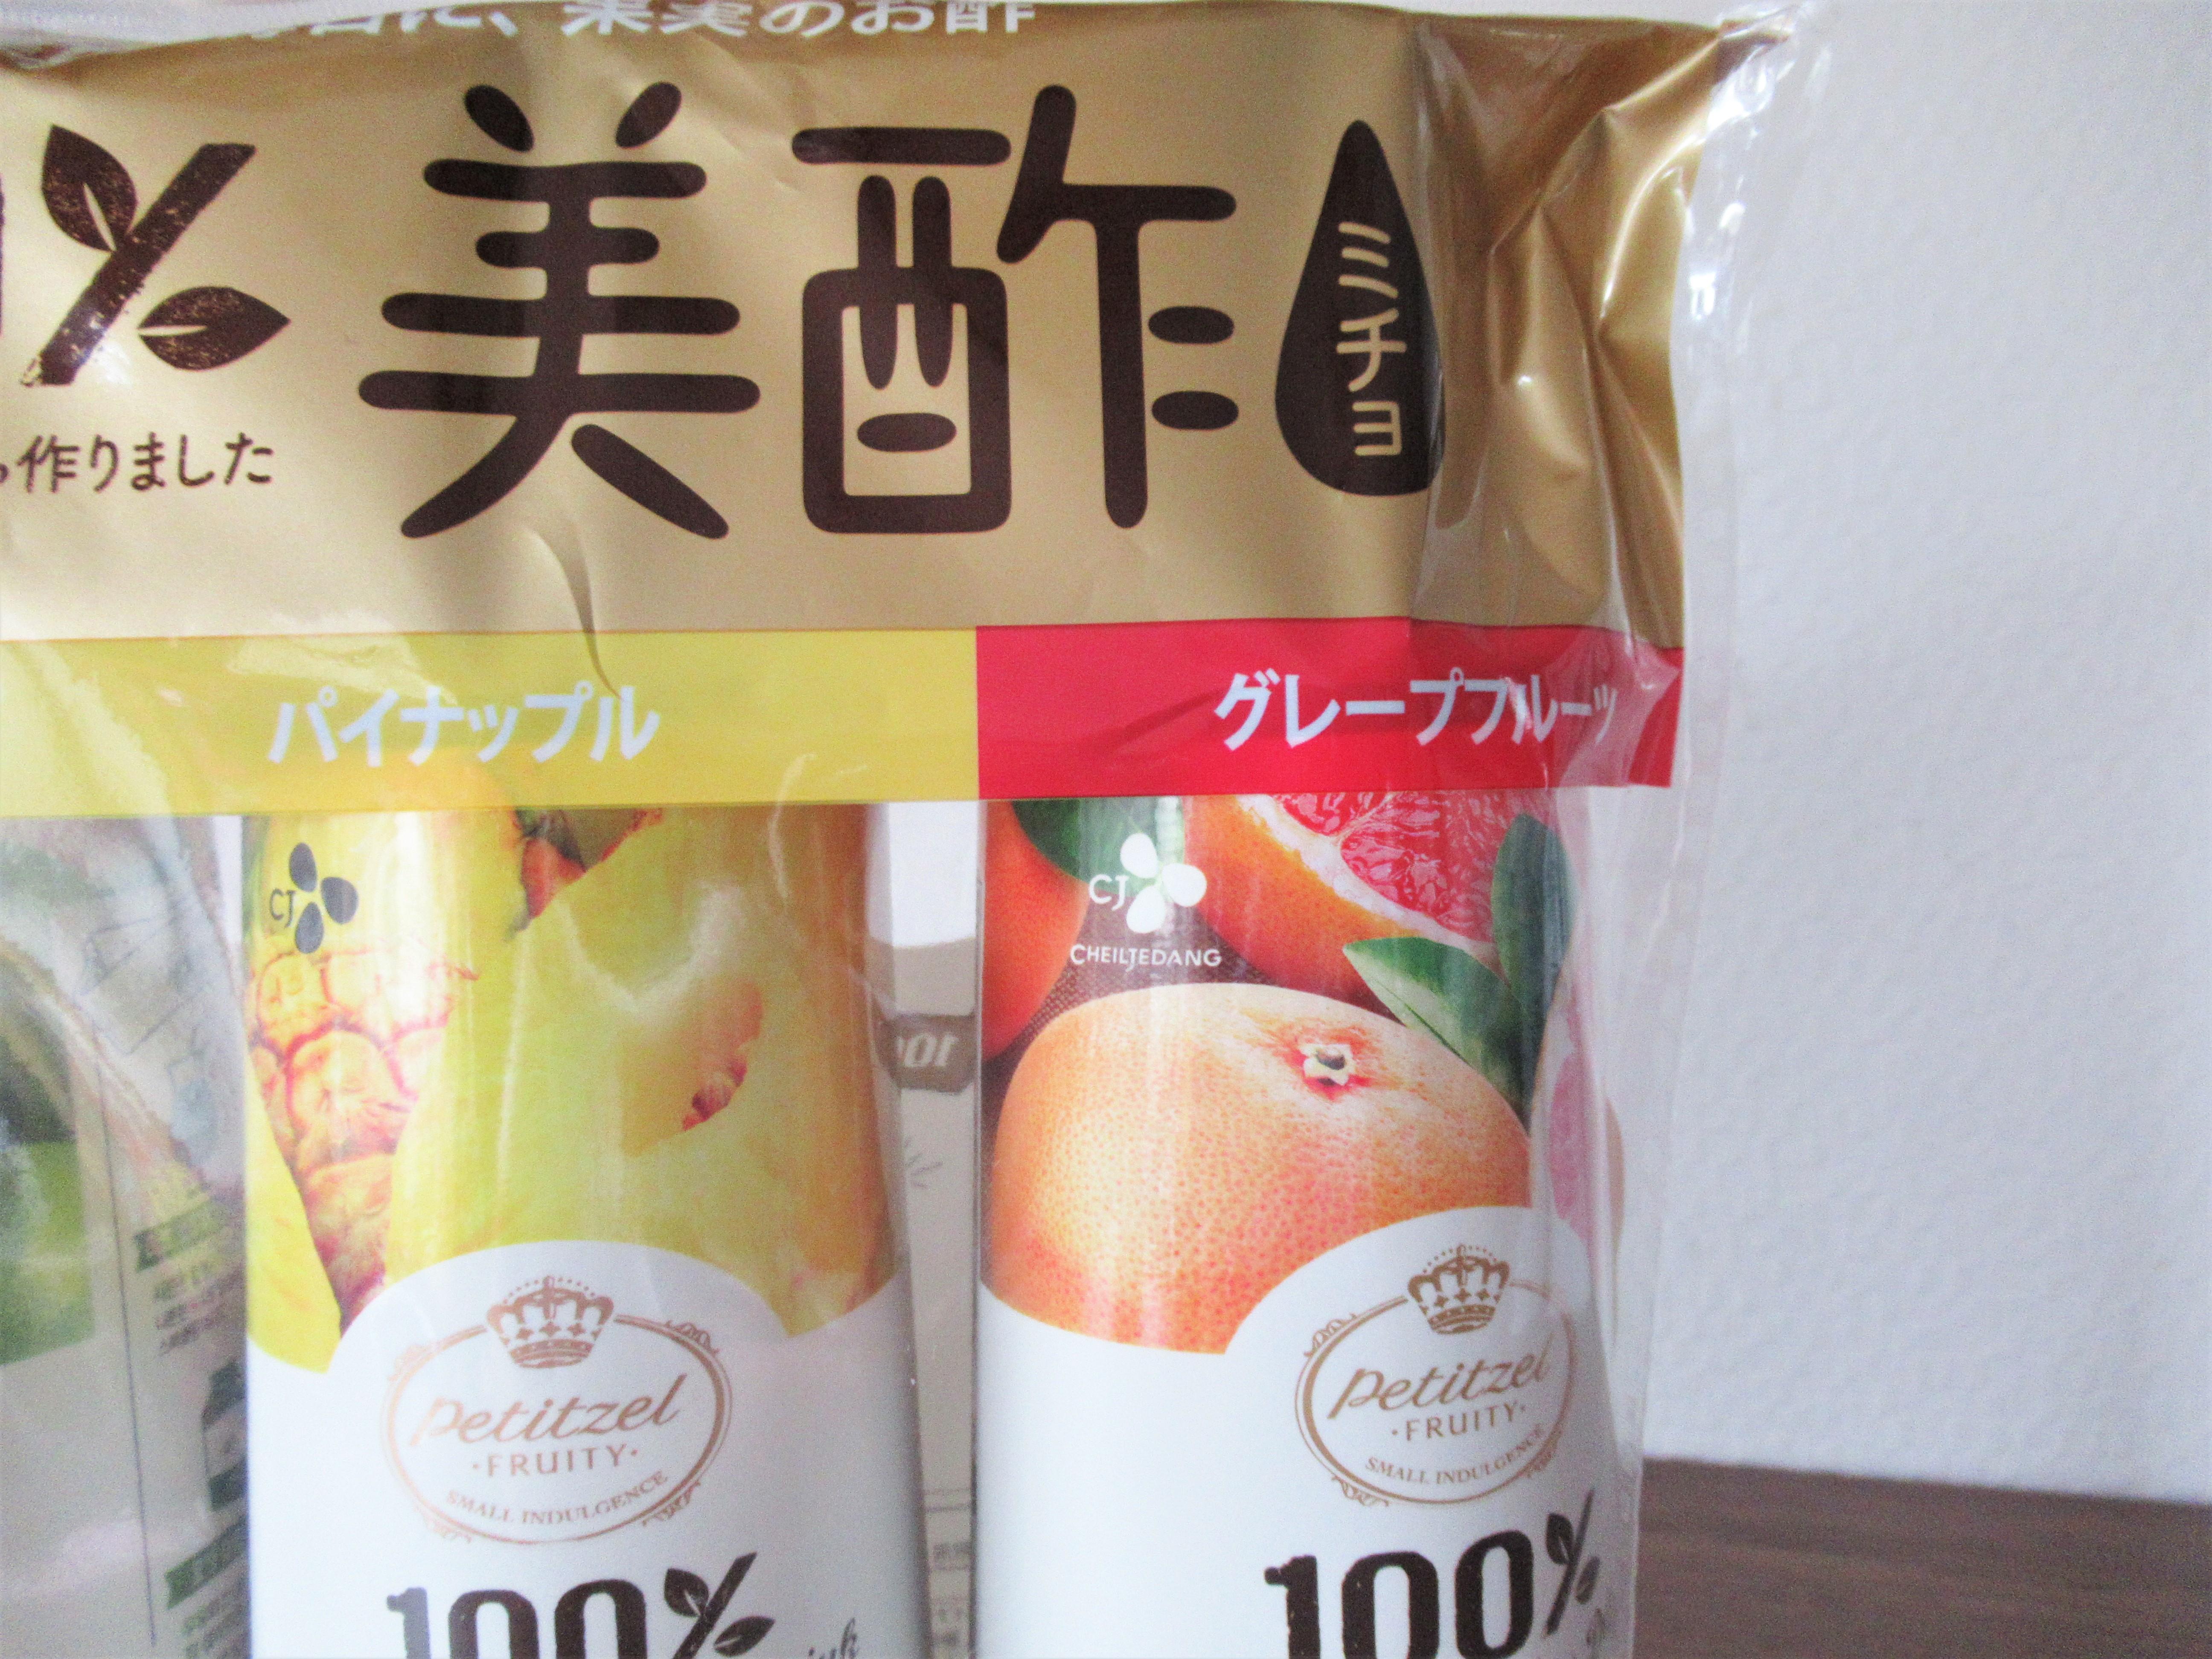 【美酢】ミチョは何味が飲みやすい?オススメのフレーバーはこれ!|ラク家事ブログ